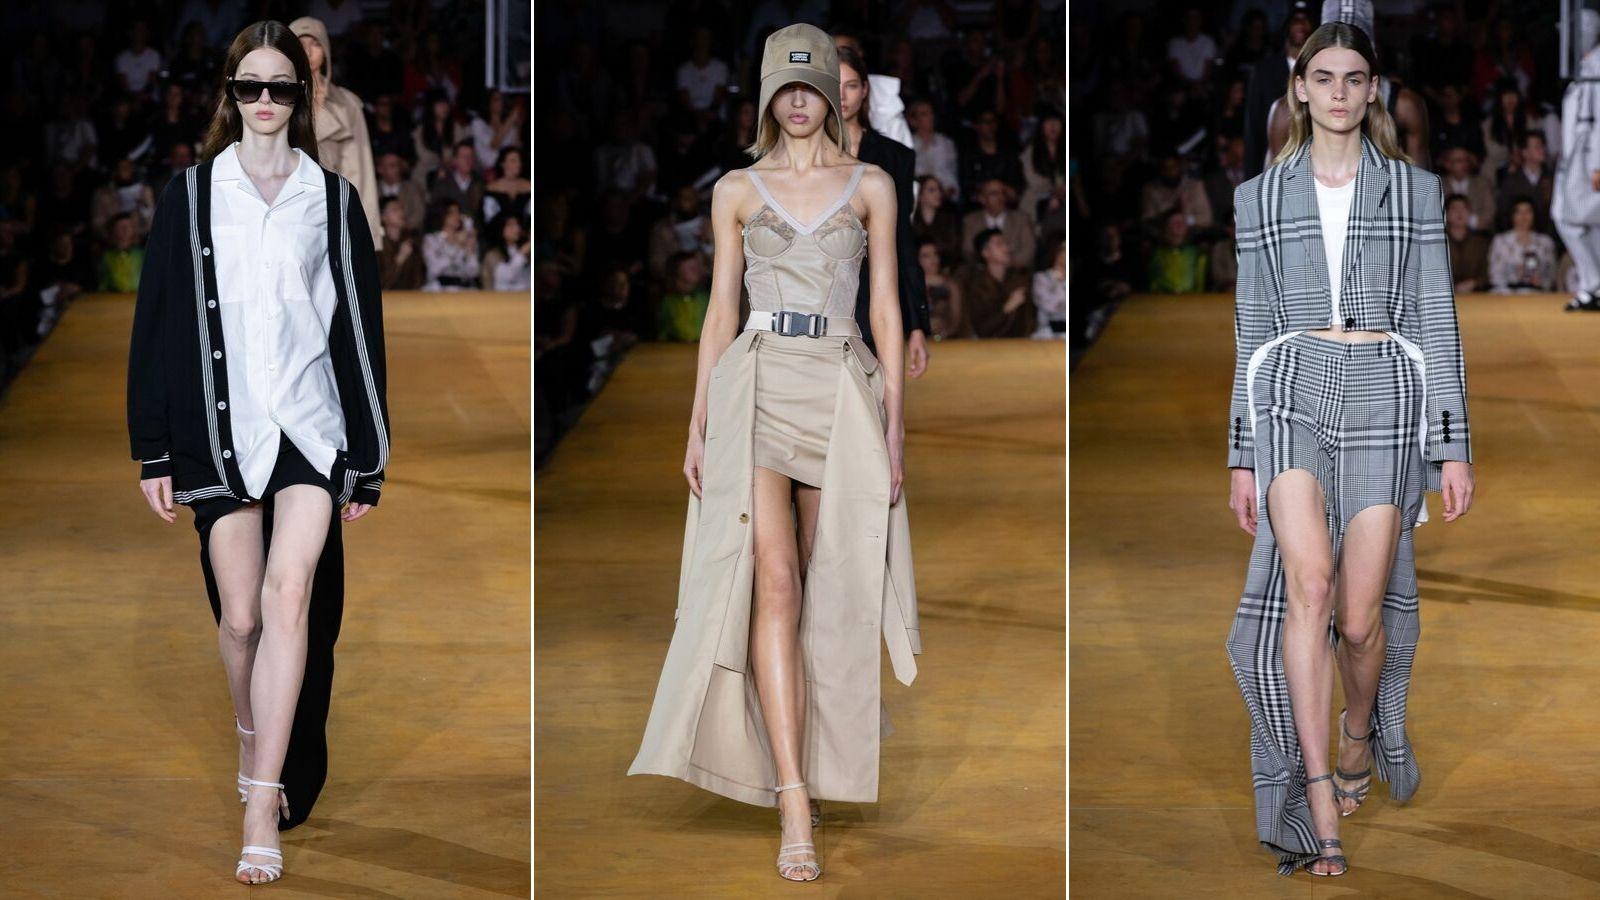 thiết kế bất đối xứng trong bộ sưu tập burberry xuân hè 2020